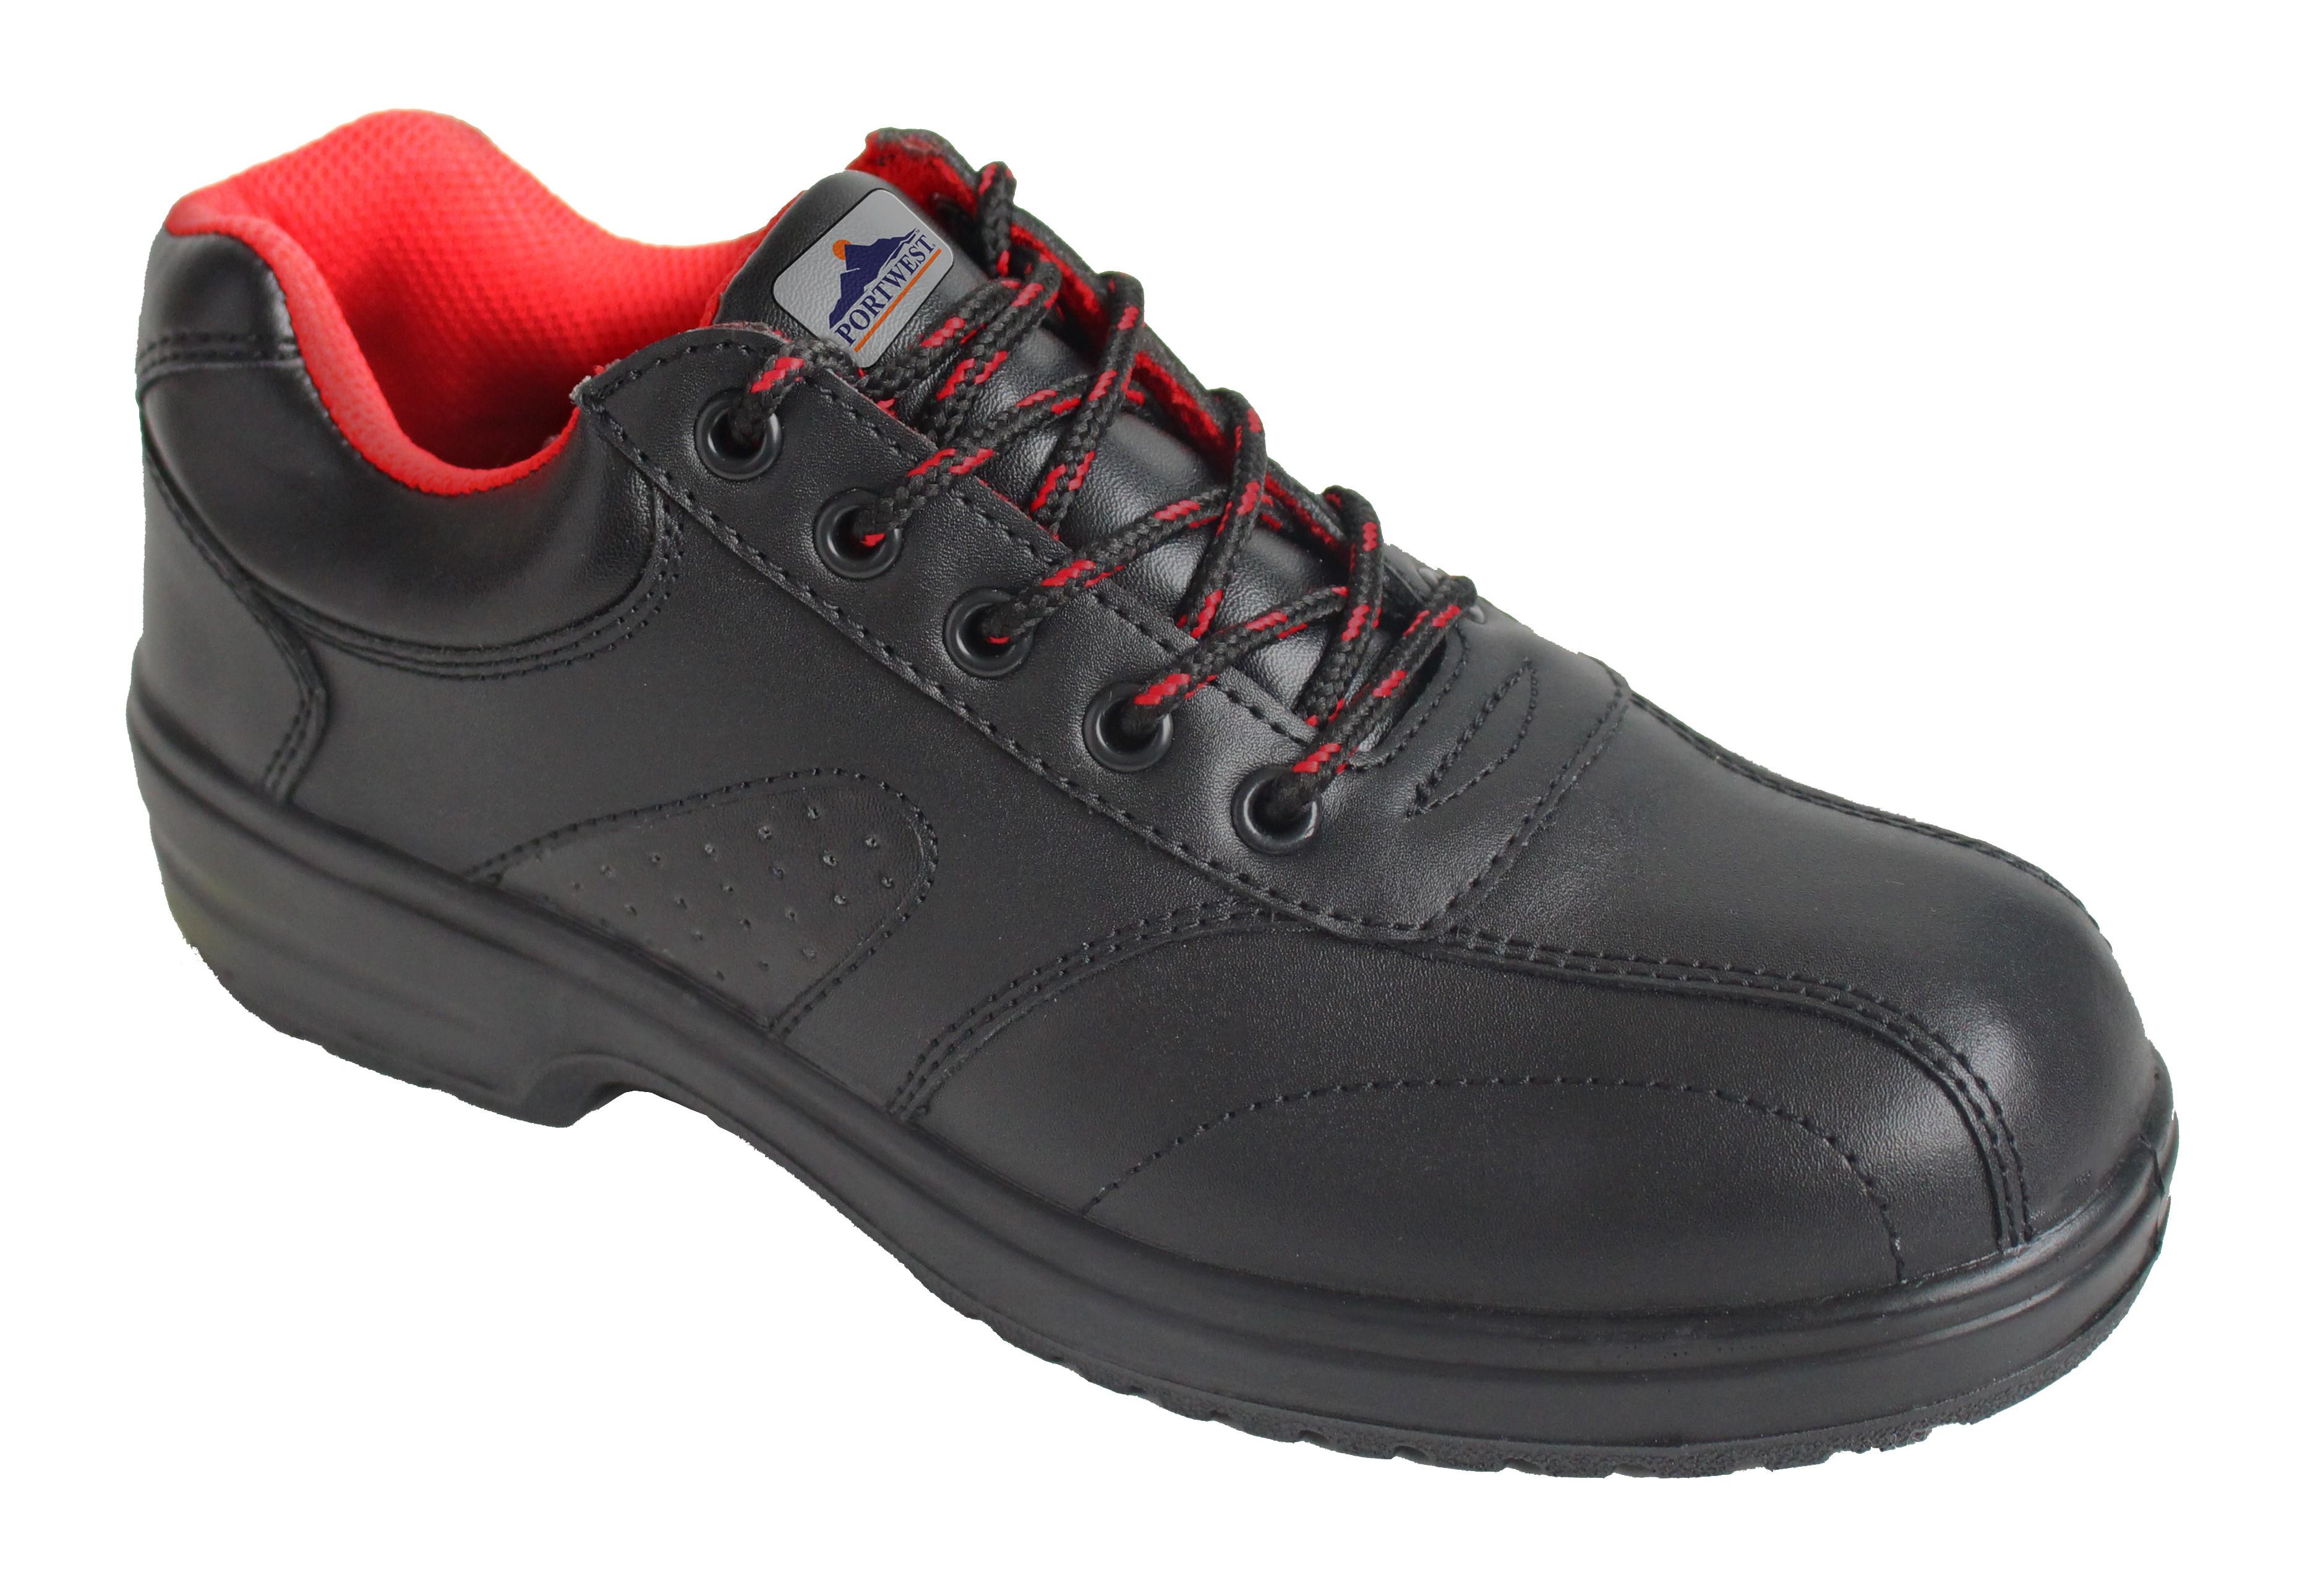 pas cher pour réduction e4127 f4c23 Chaussure de sécurité Femme Steelite S1